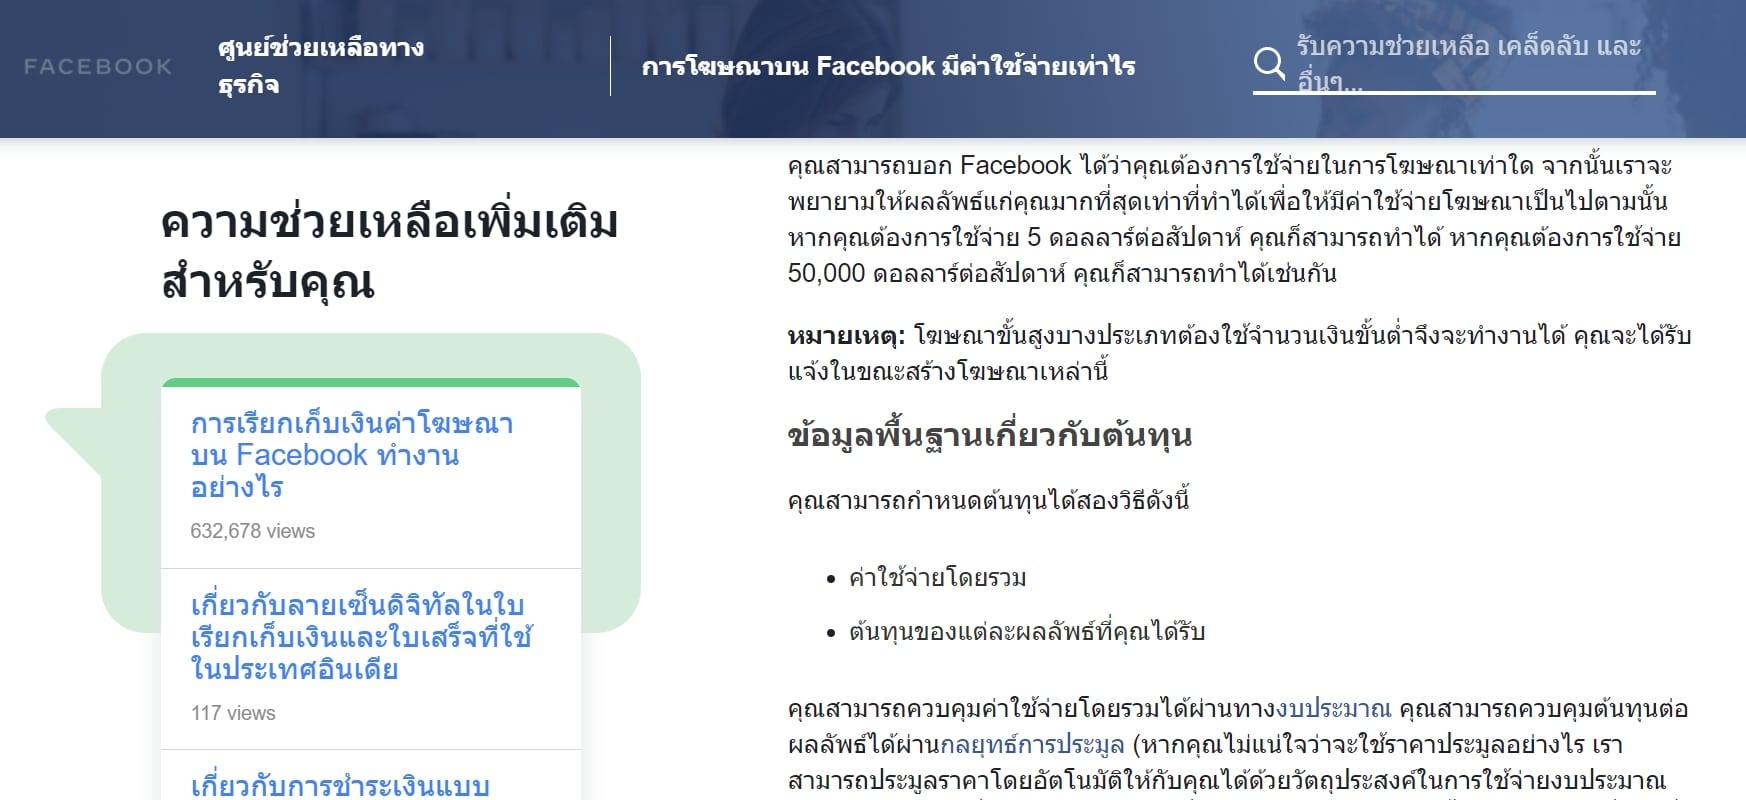 ค่า โฆษณา facebook 2021